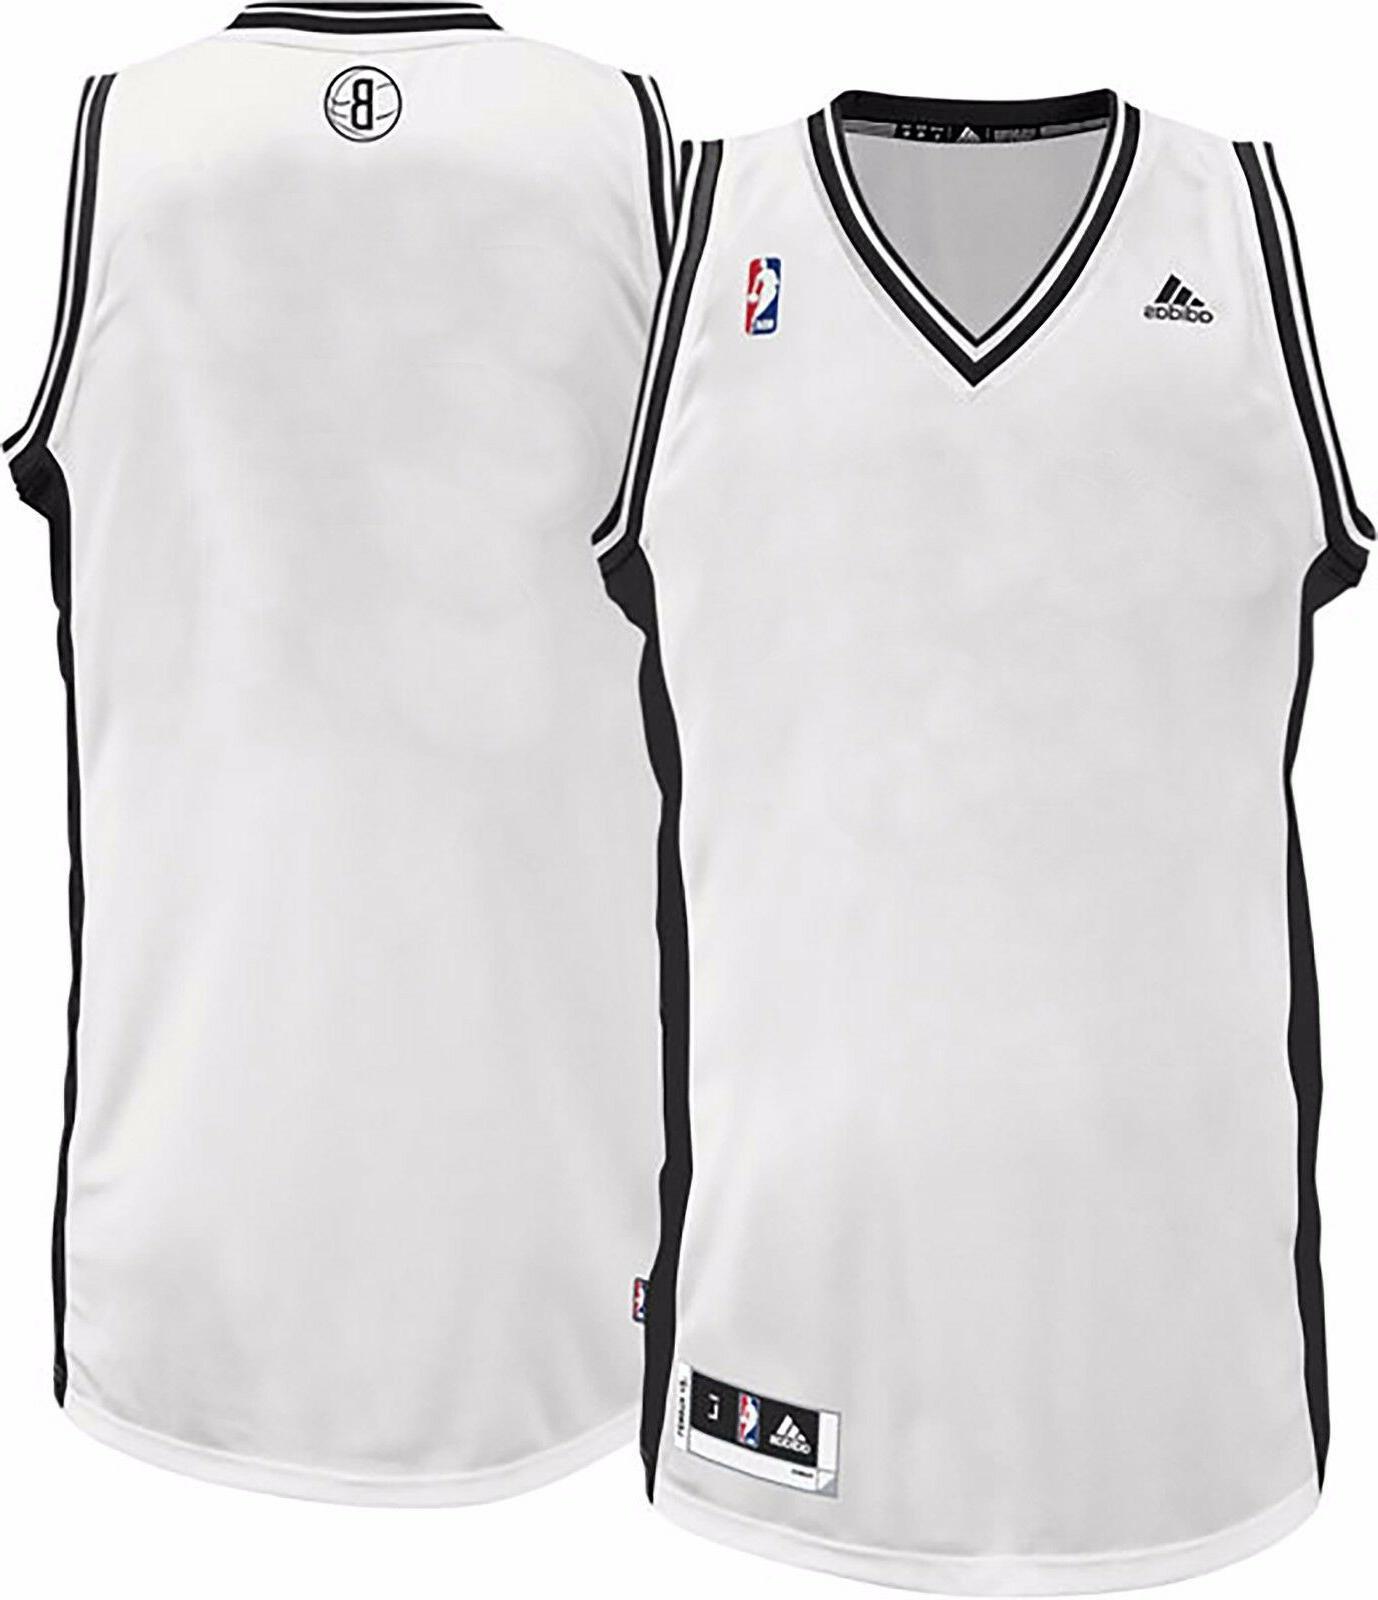 Brooklyn Nets NBA adidas White Blank Basketball Jersey